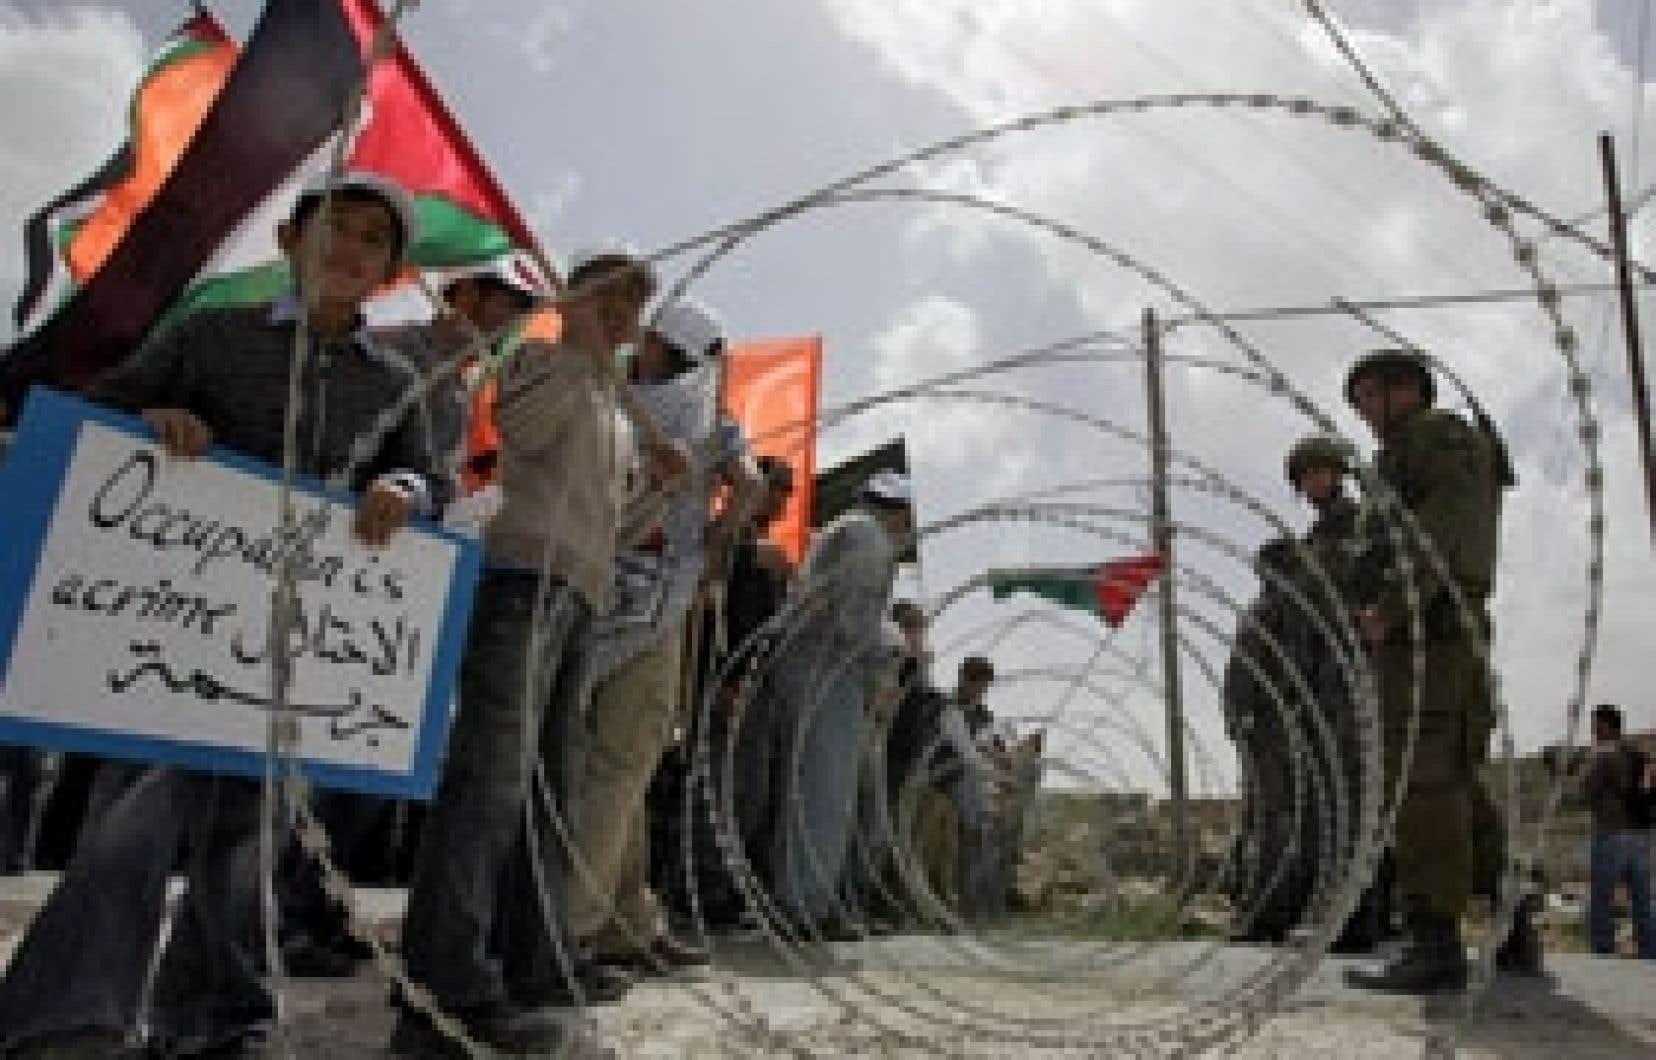 Drapeaux à la main, des Palestiniens font face à des soldats israéliens dans le village d'Umm Salamunah, en Cisjordanie, qui a été le théâtre d'une manifestation hier.